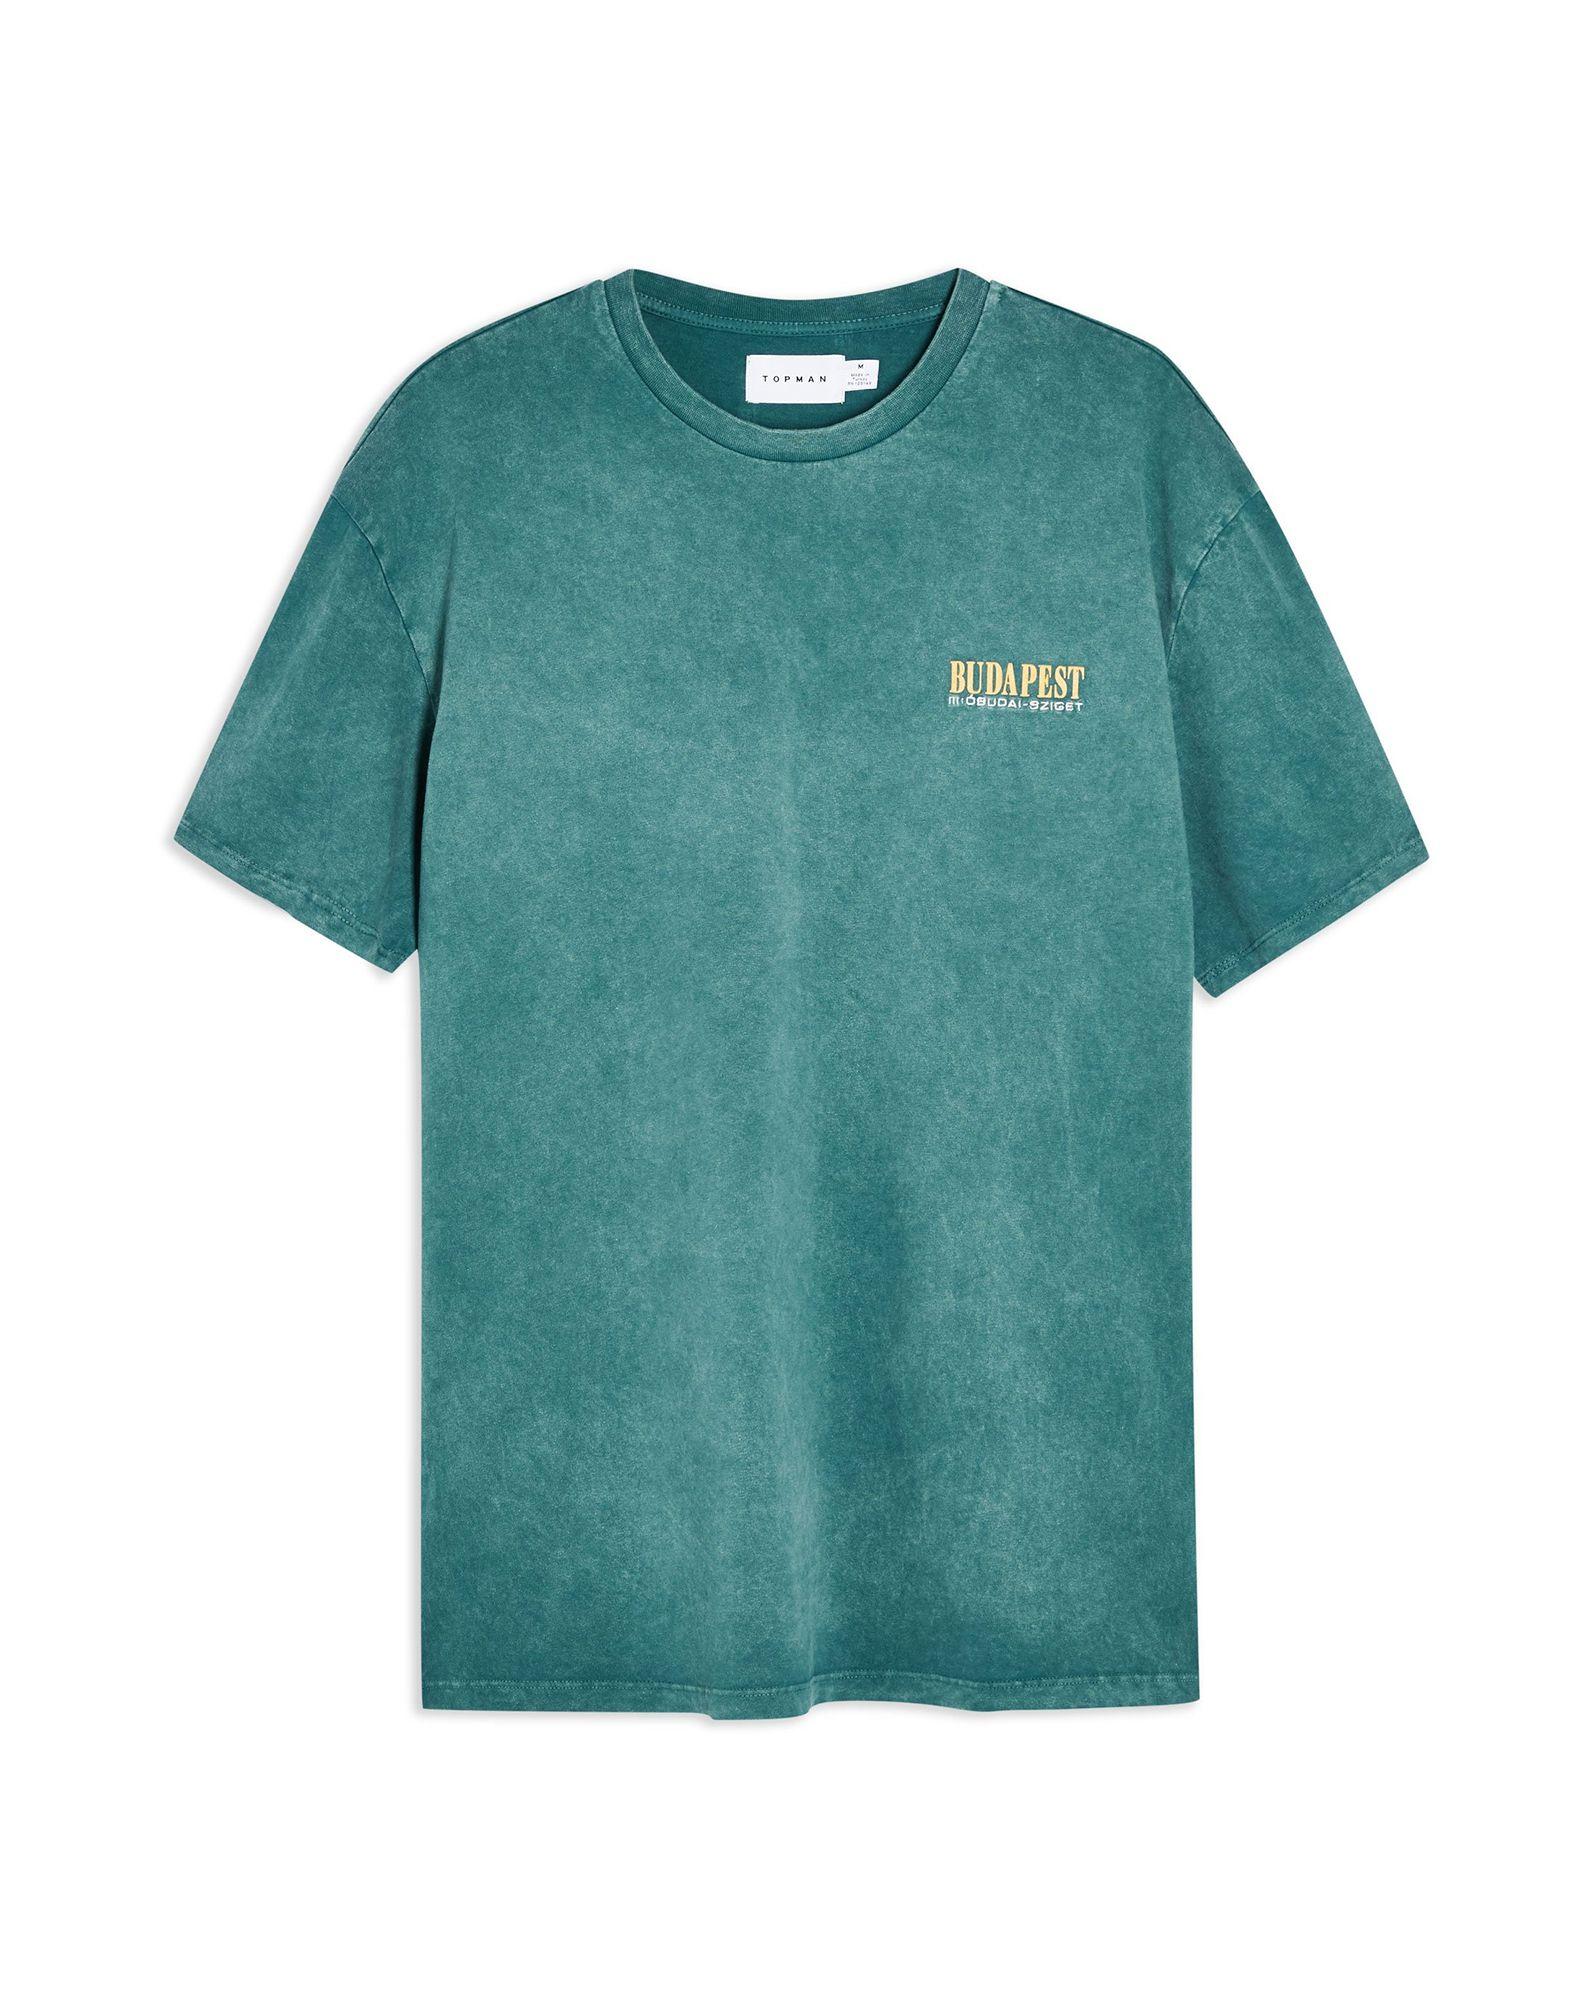 《期間限定セール開催中!》TOPMAN メンズ T シャツ グリーン S コットン 100% TEAL BUDAPEST T-SHIRT